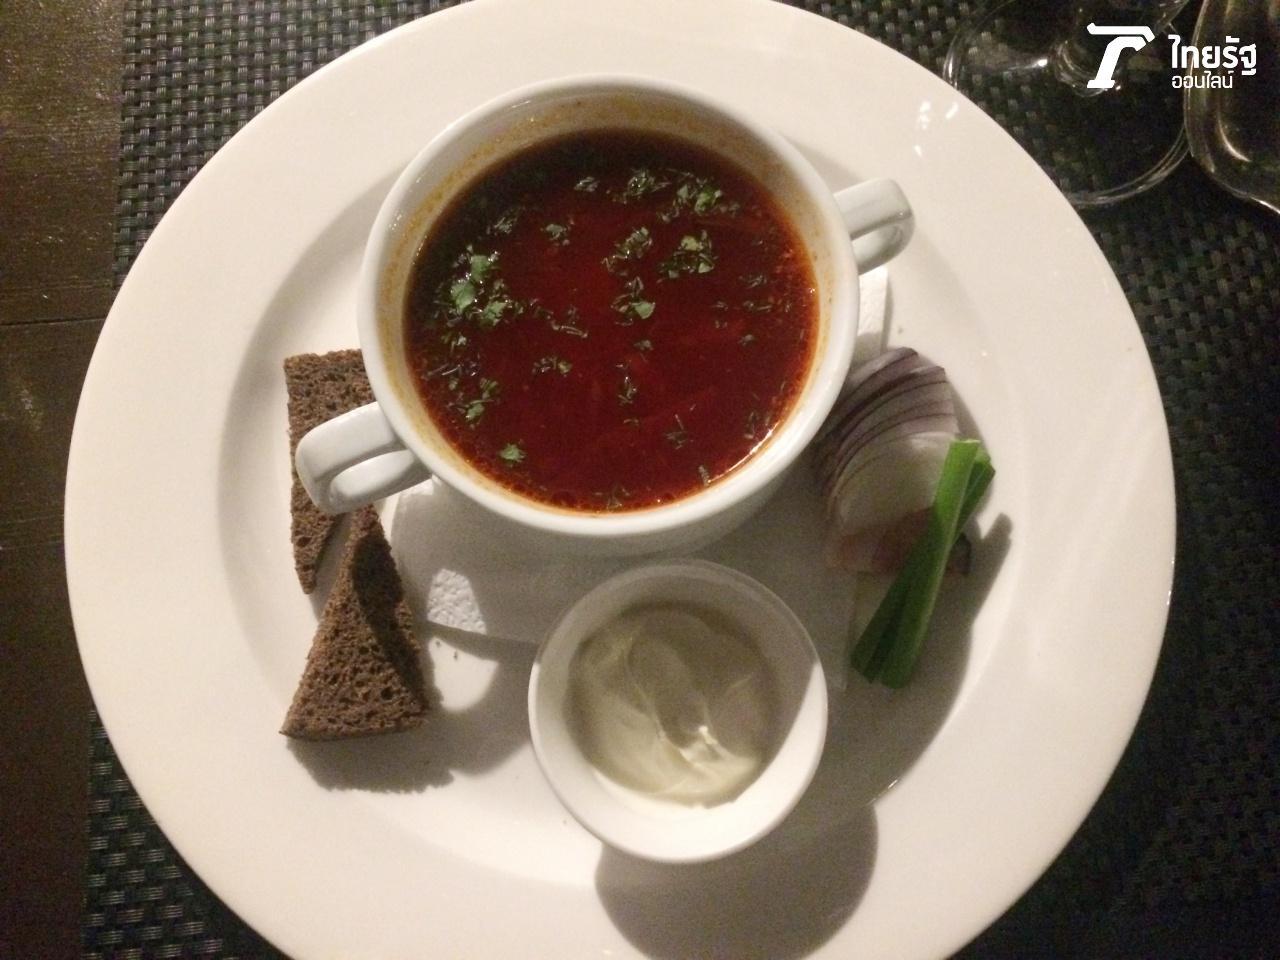 (ซุปบอร์ชต (Borscht) ทำจากบีทรูต เป็นอาหารประจำชาติที่ให้พลังงานอย่างมากกับชาวรัสเซีย)